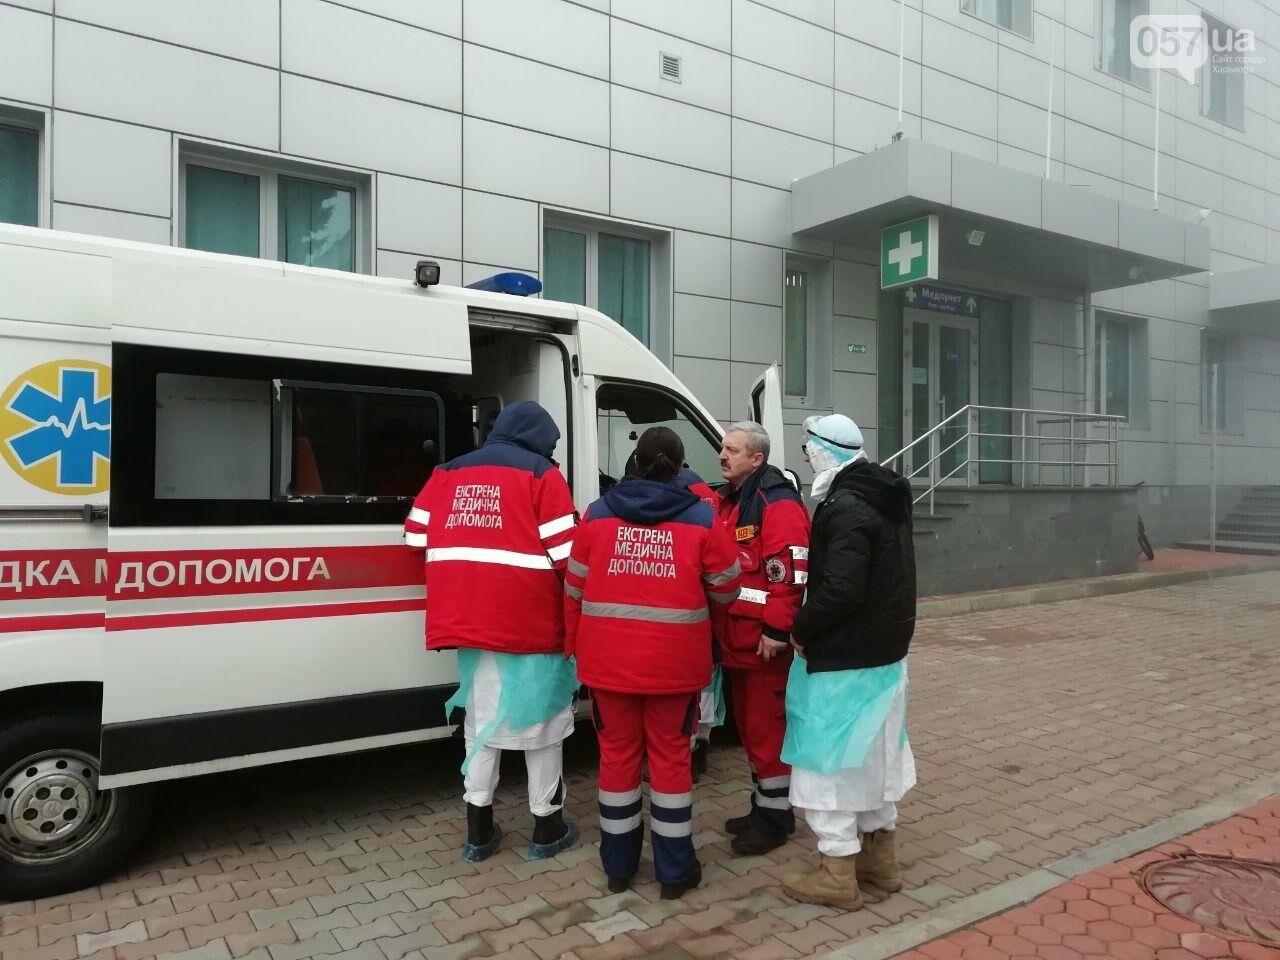 В харьковском аэропорту приземлился самолет с эвакуированными пассажирами из Китая, - ОНЛАЙН-ТРАНСЛЯЦИЯ, фото-28